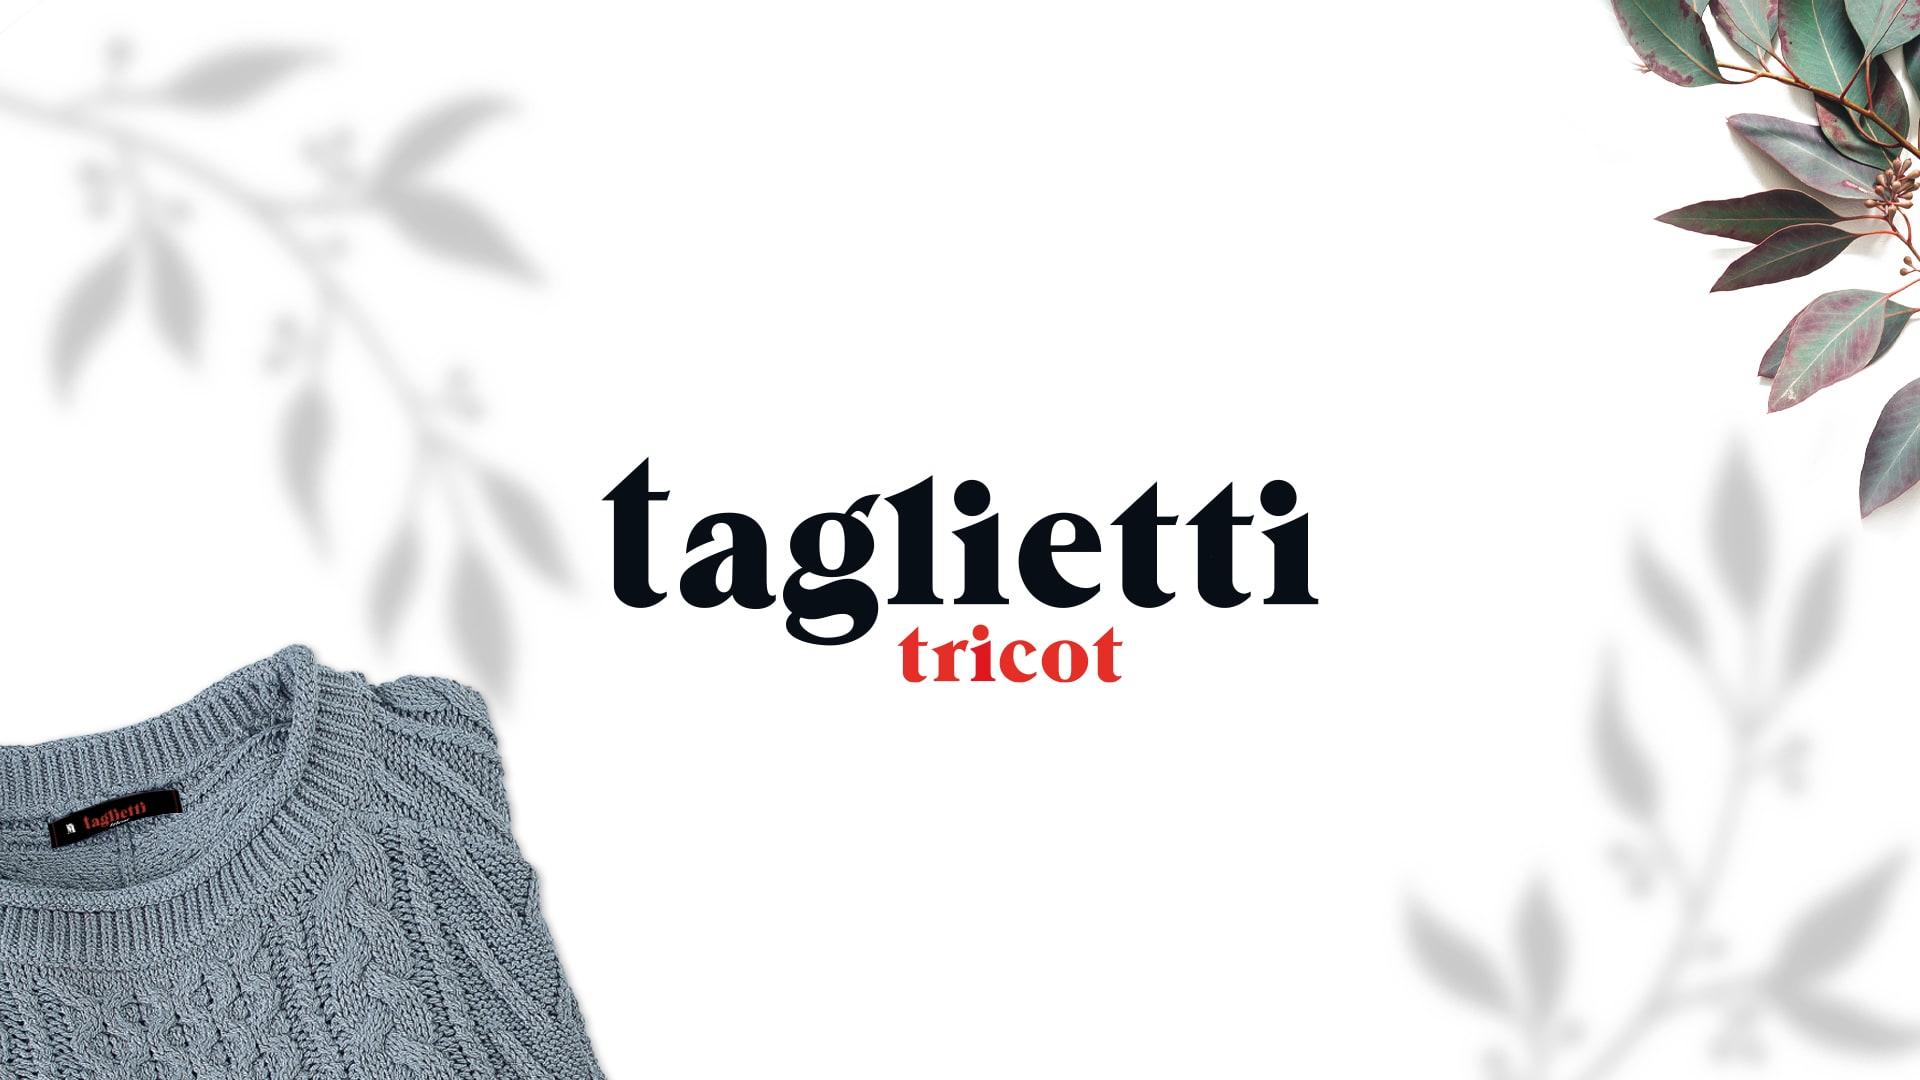 Taglietti Tricot